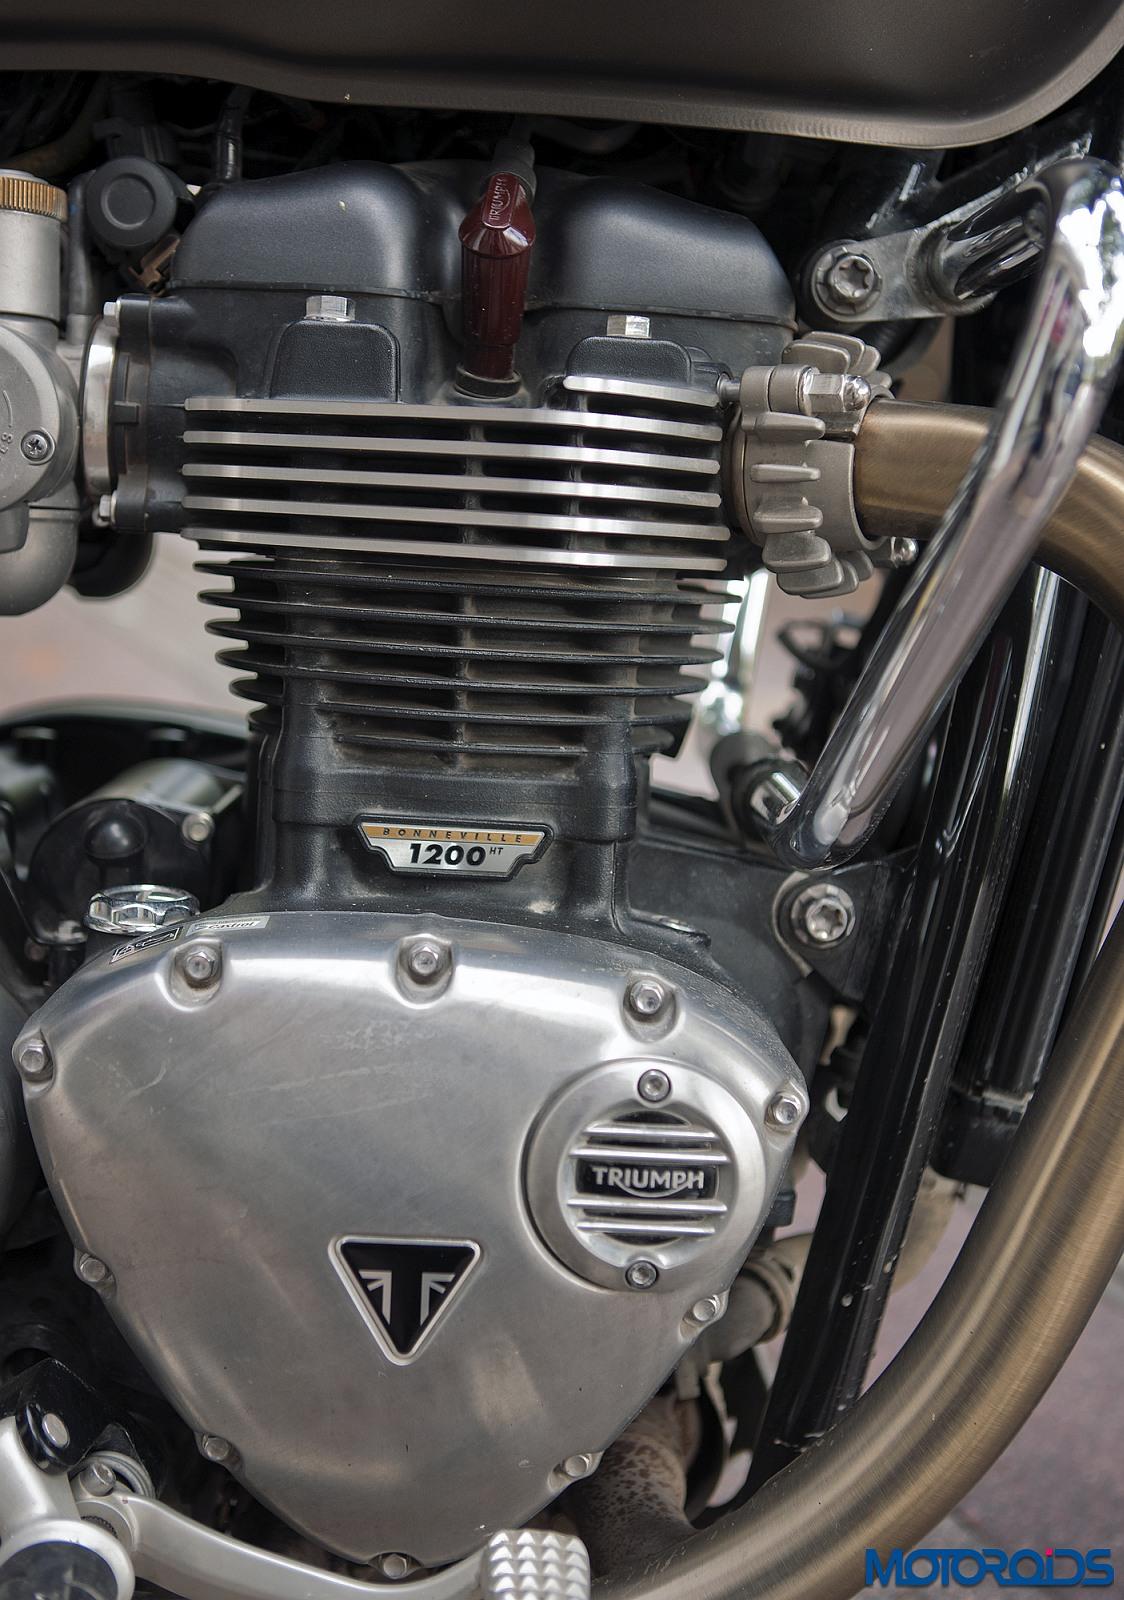 Triumph-Bonneville-Bobber-engine